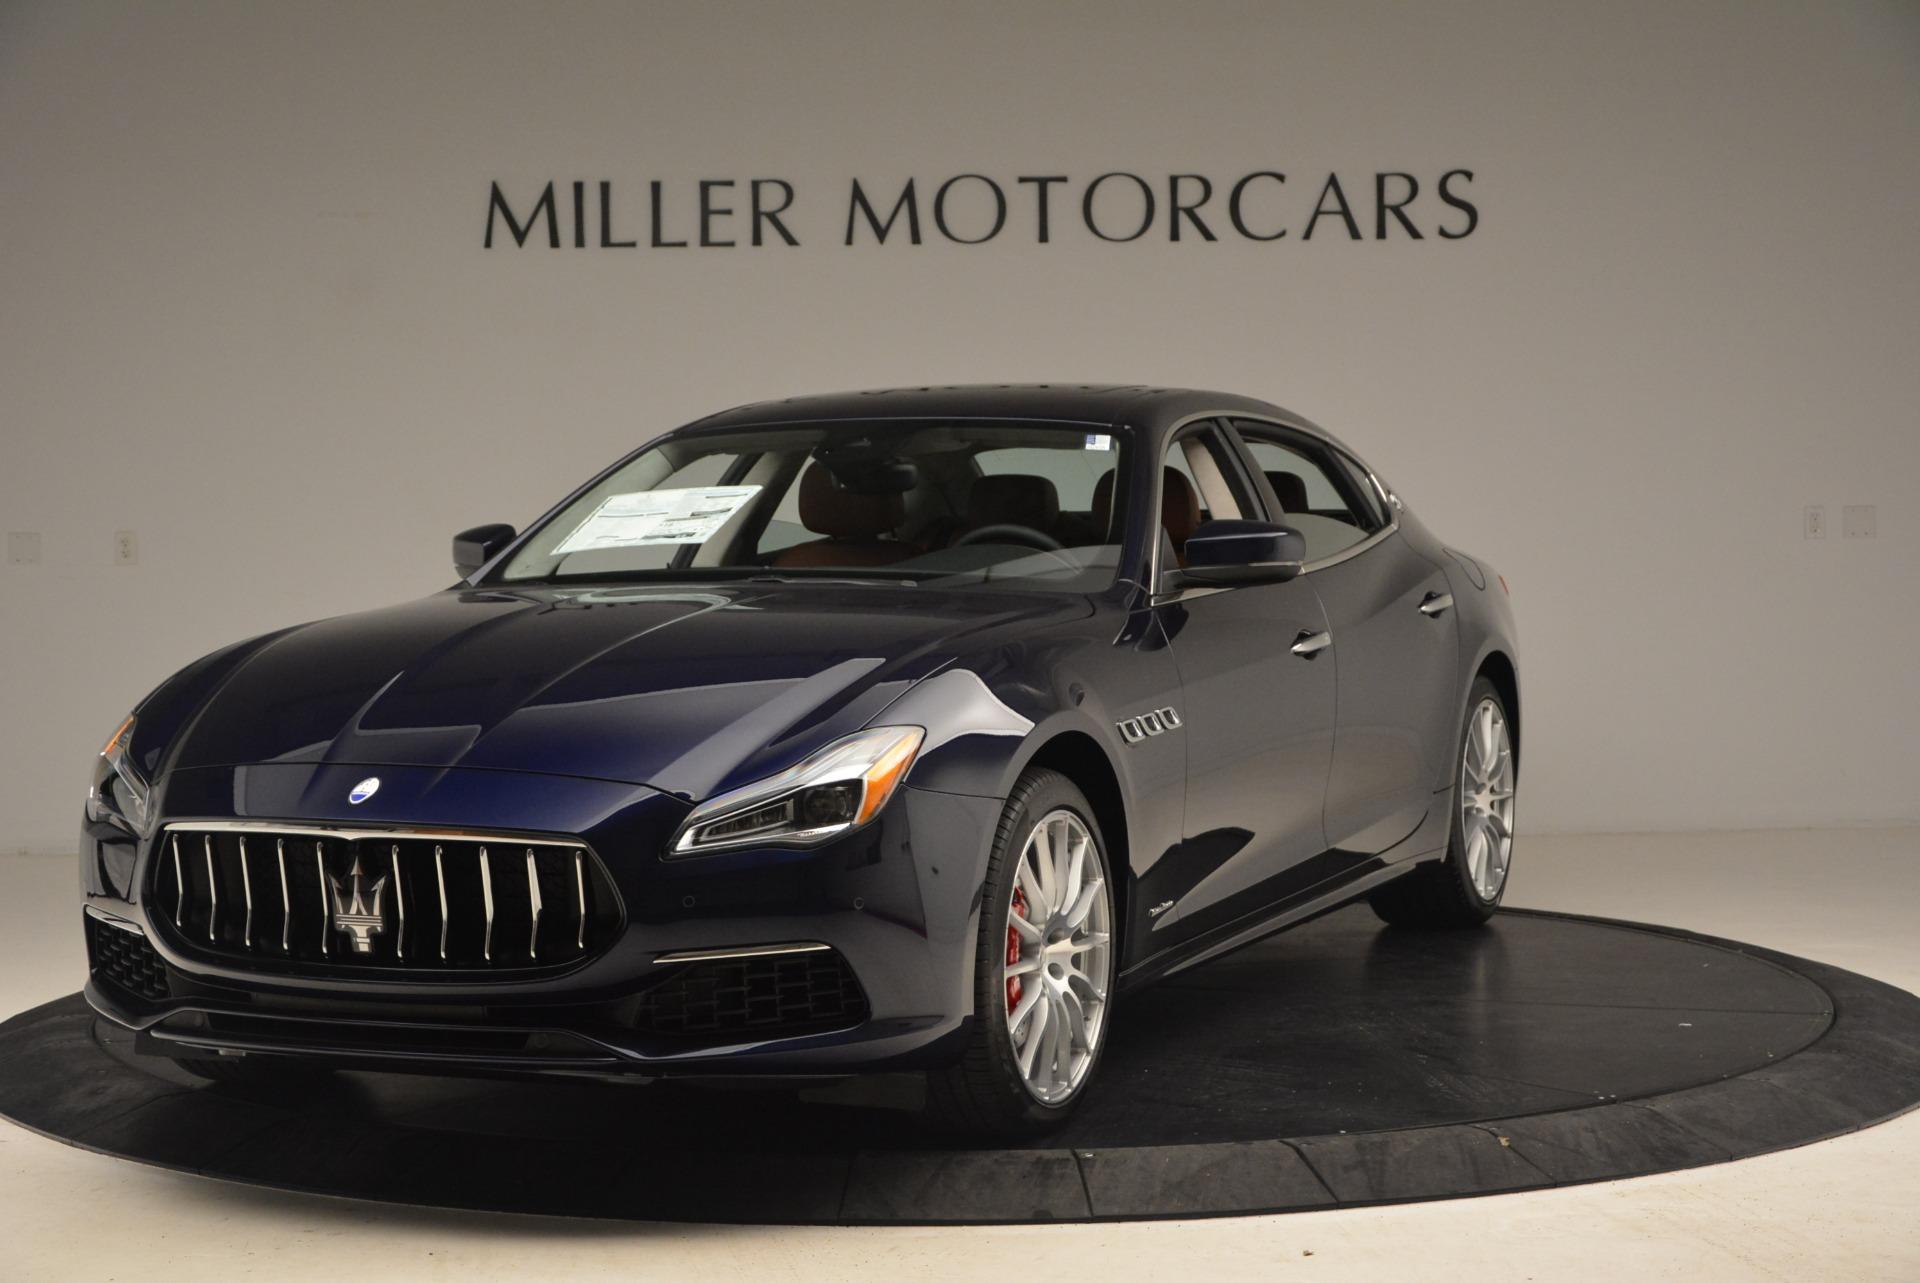 New 2019 Maserati Quattroporte S Q4 GranLusso For Sale In Greenwich, CT 2767_main